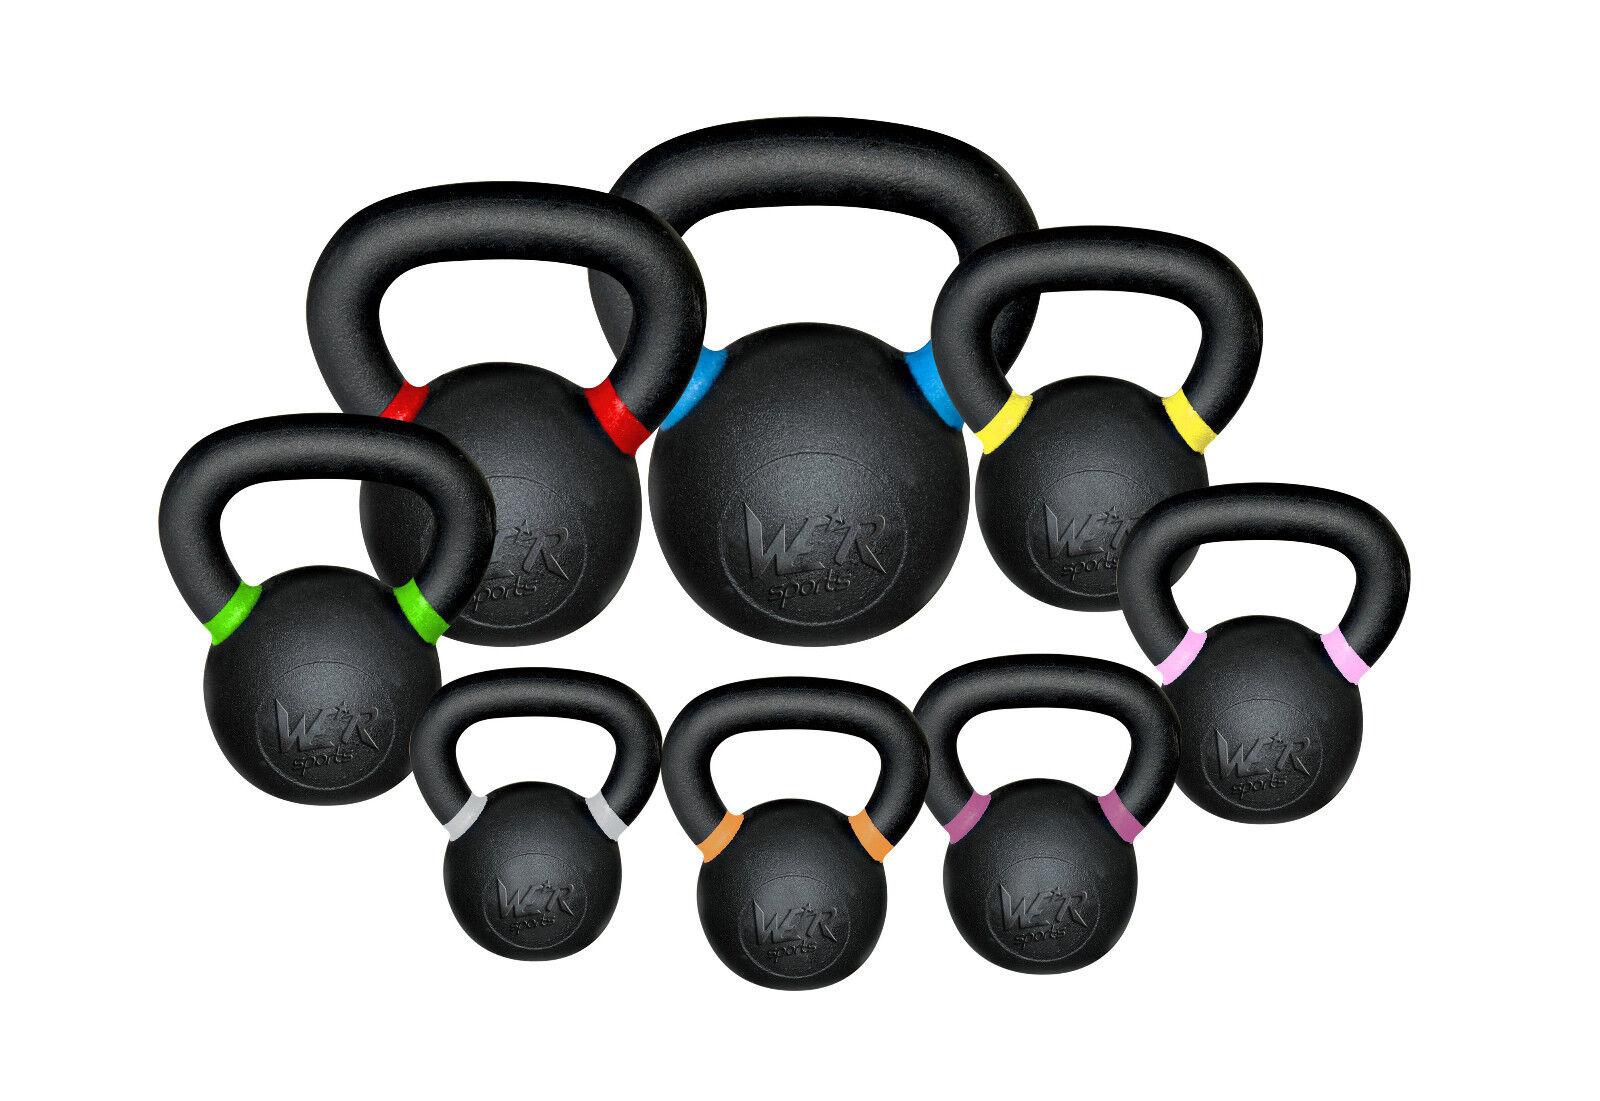 We R Sports Premium Kettlebells 4kg 4kg Kettlebells - 48kg Strength Training Home Gym Fitness 9af372